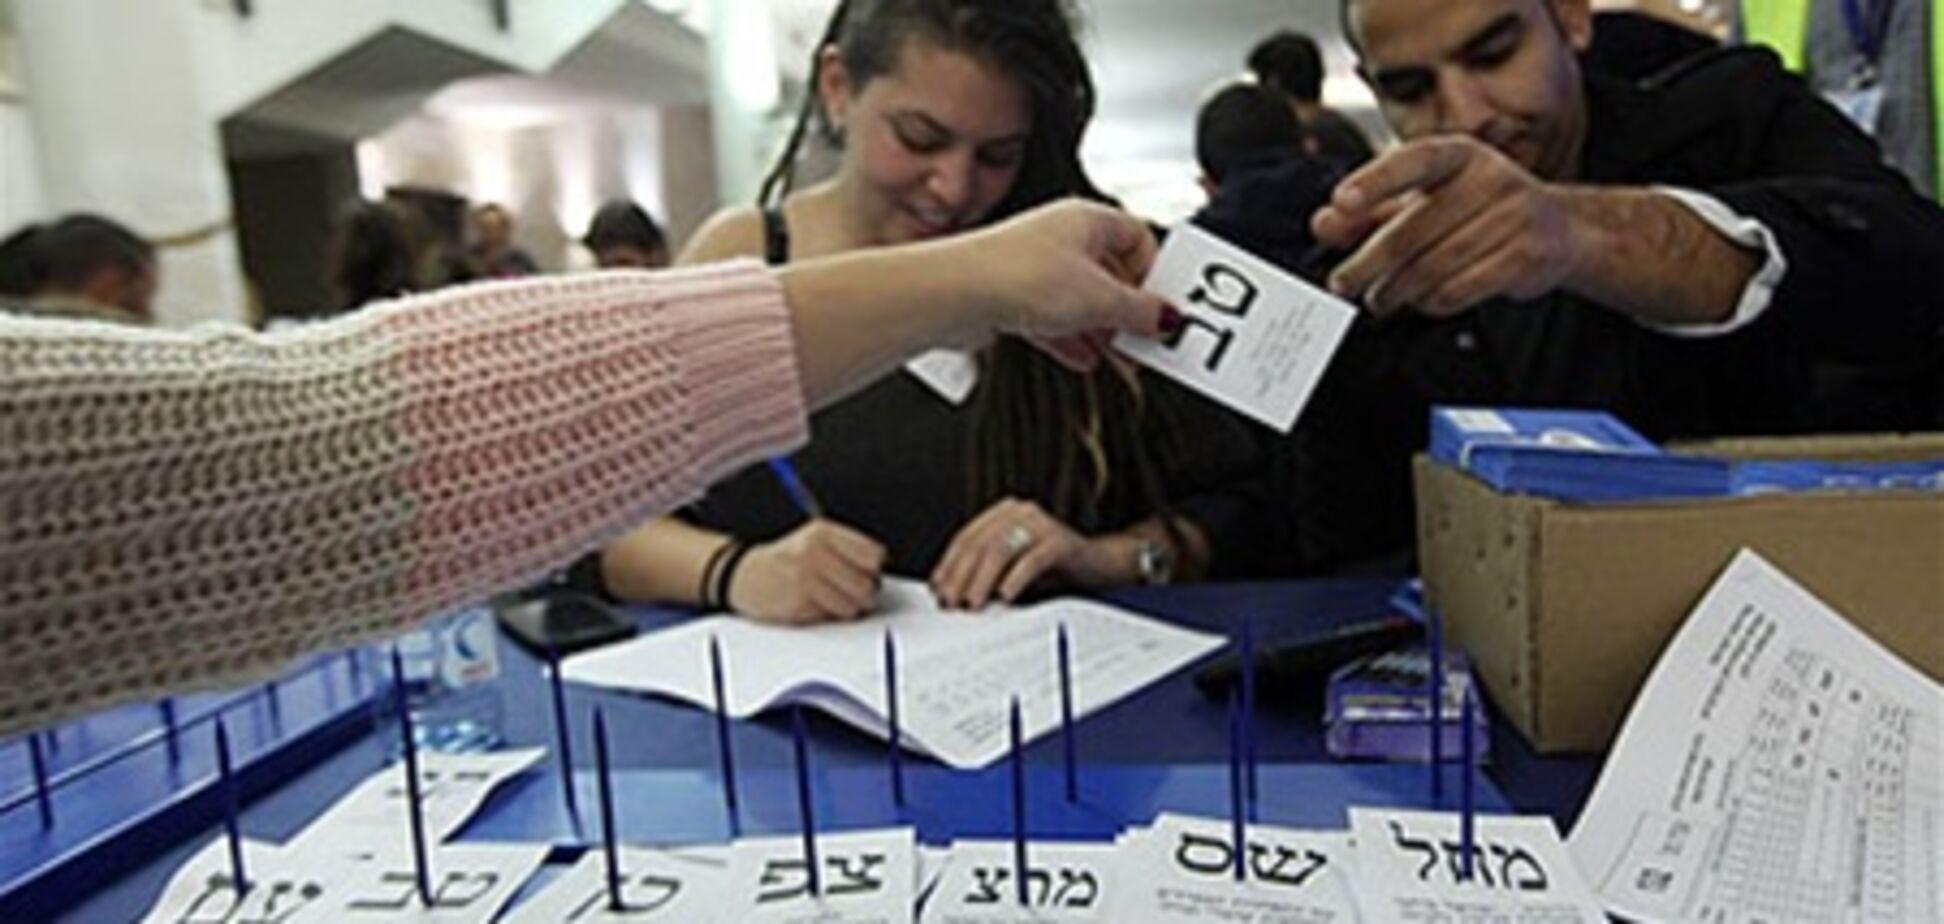 Вибори-2013 в Ізраїлі: 'Піррова перемога' Нетаніягу